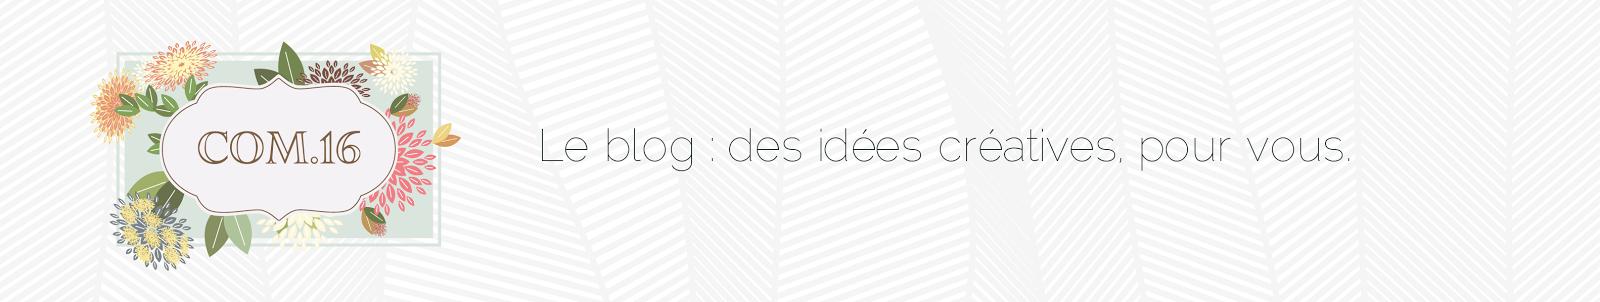 Com.16 - Le Blog